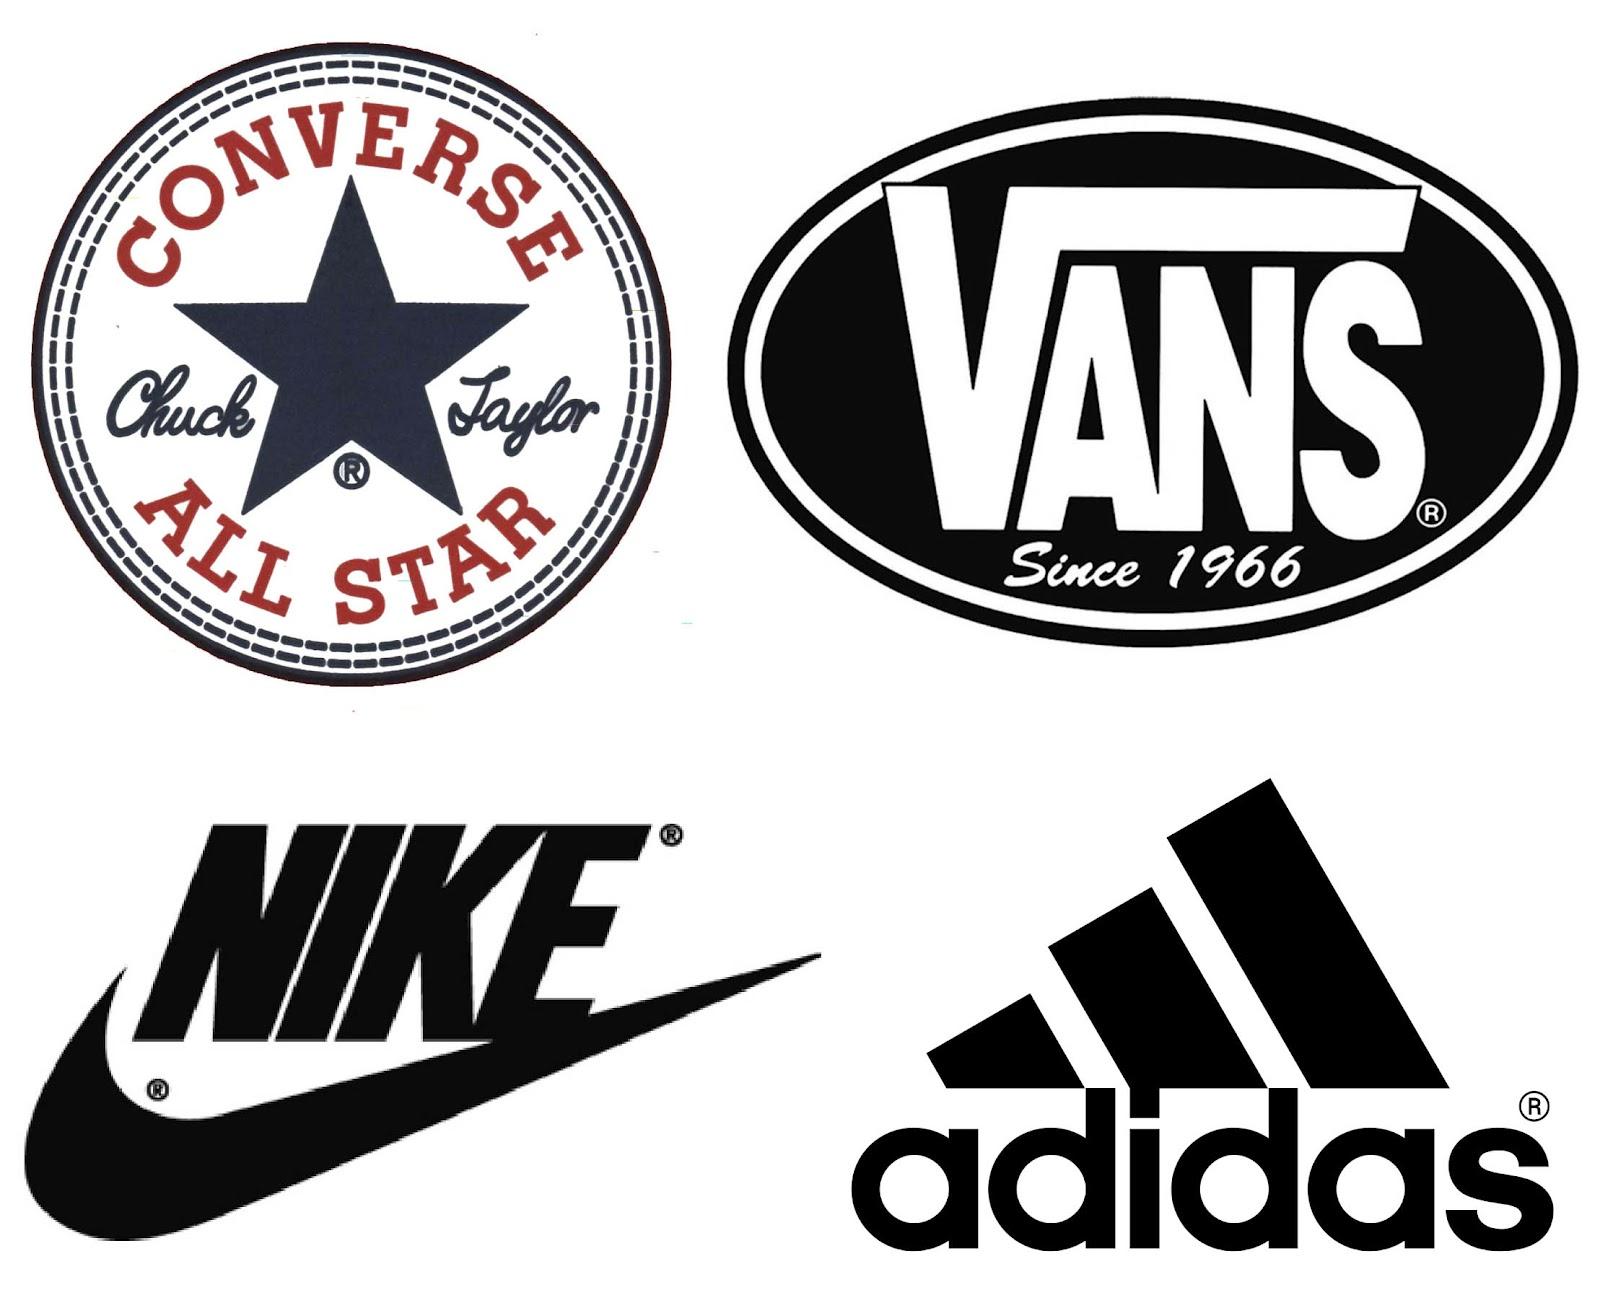 c2de6efdfe4f Shoes Symbols